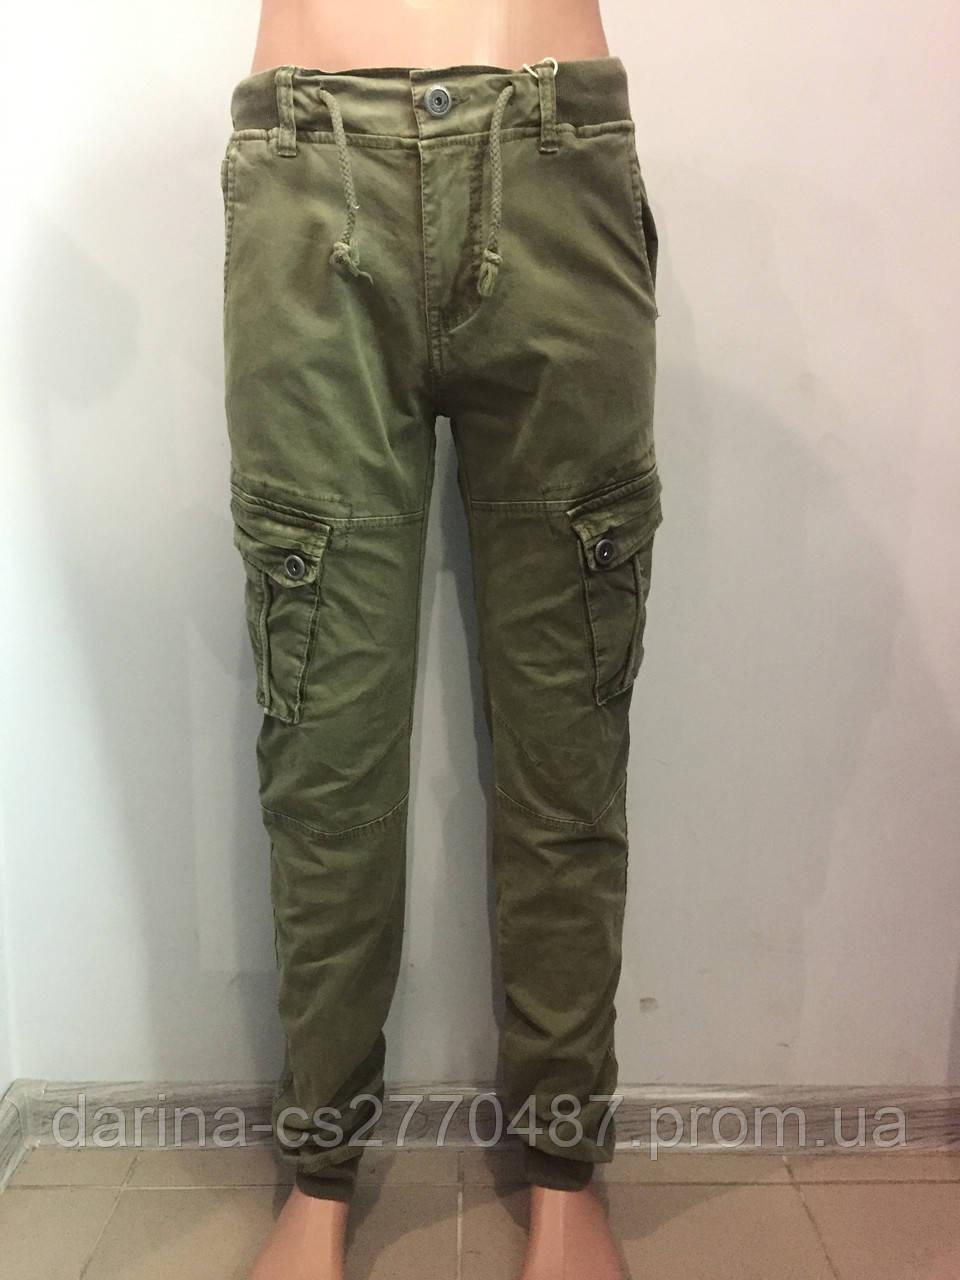 Модные котоновые брюки для мальчика 140,146,152 см